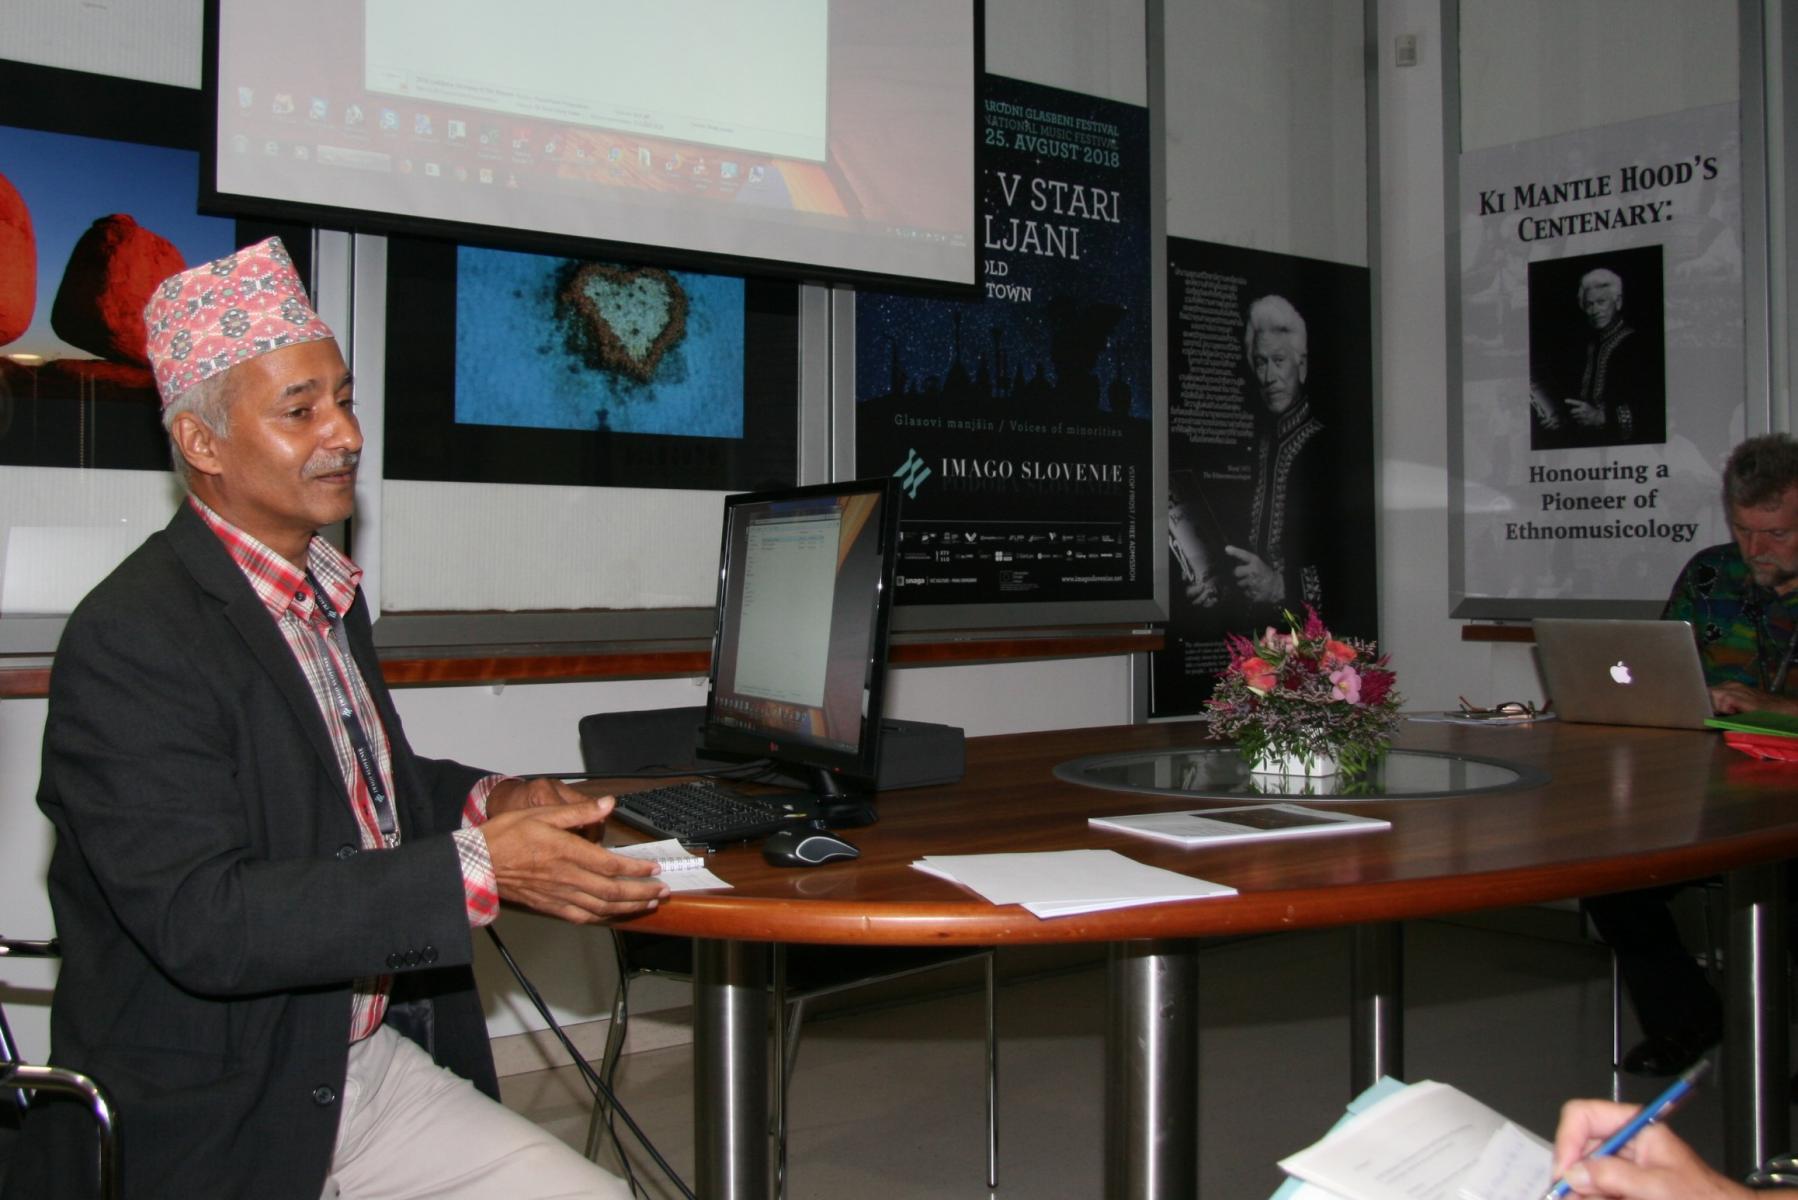 Ram Prasad Kadel, nacionalni predstavnik Nepala pri Mednarodnem združenju za tradicijsko glasbo (ICTM). Udeleženec sekcije Od starih do novih okolij. Foto: Urša Šivic.